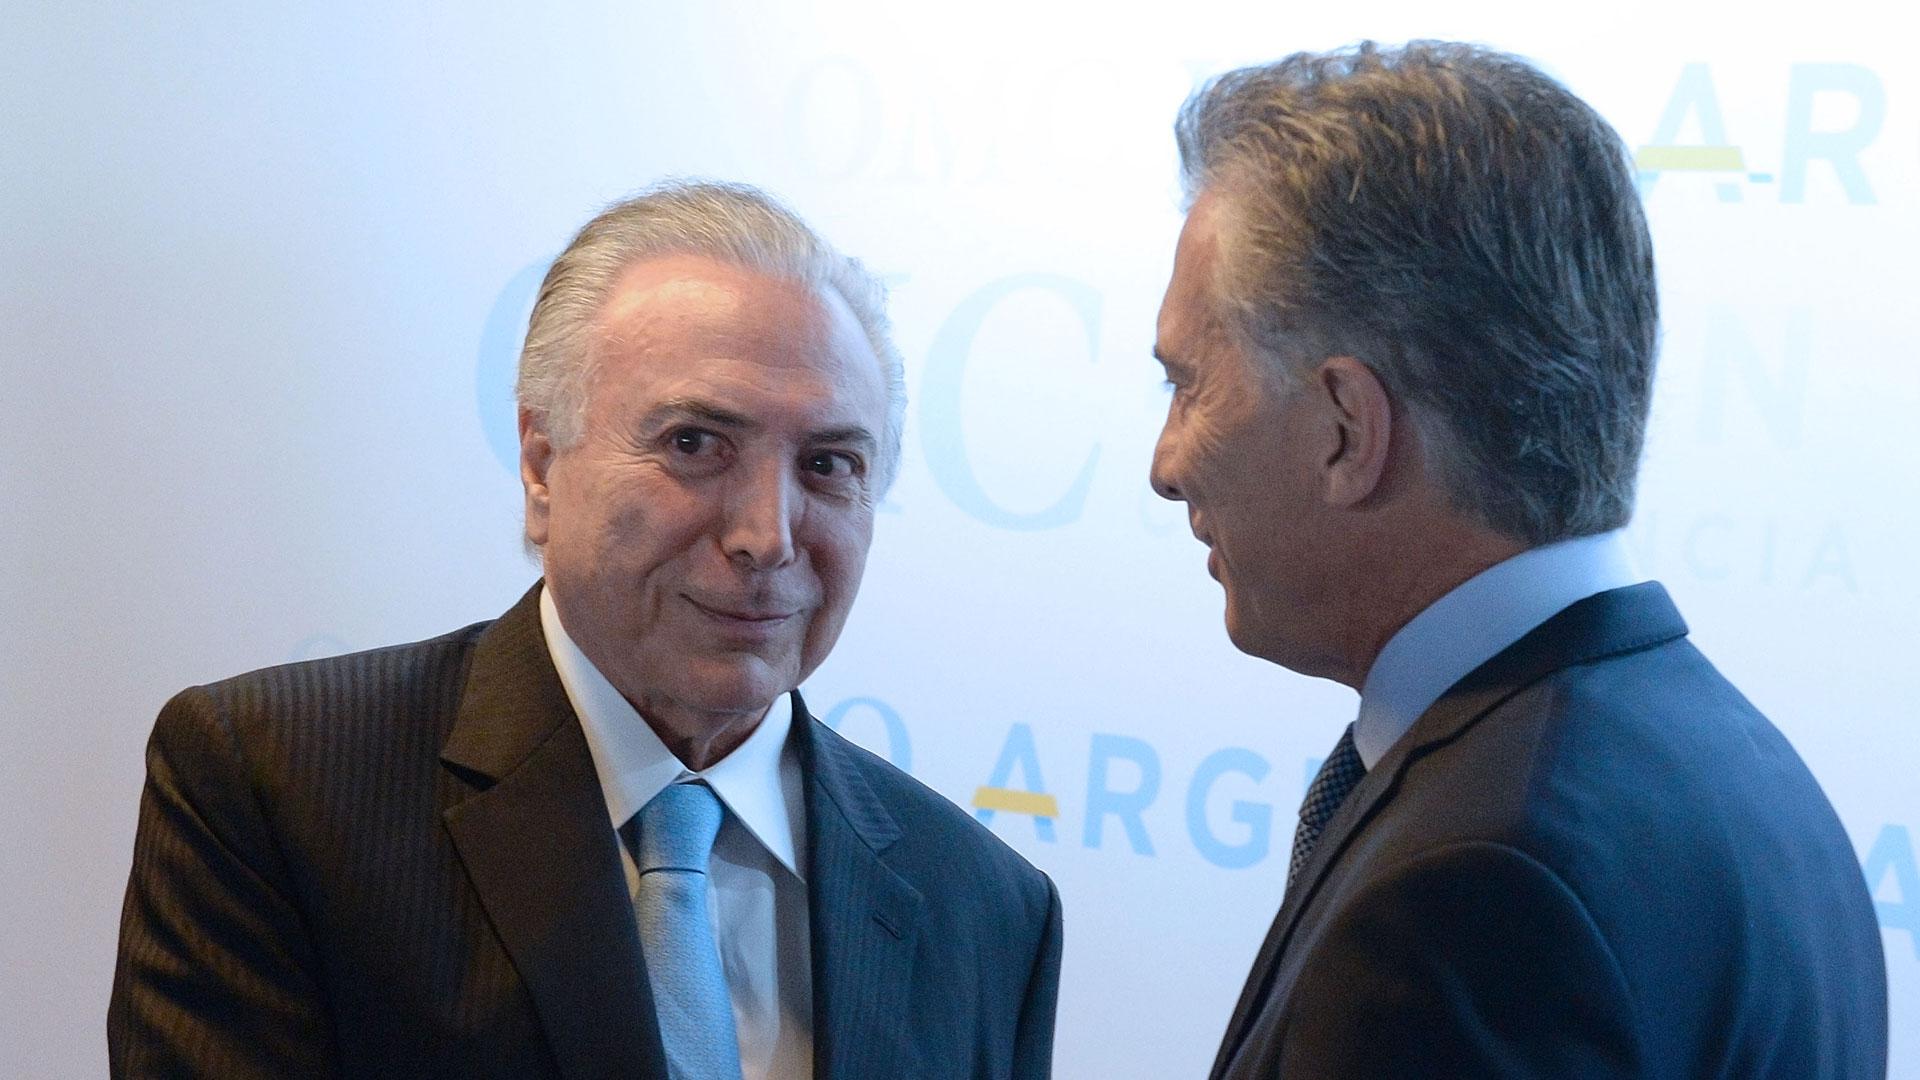 Temer fue uno de los mandatarios que participó de la jornada de inauguración de la OMC